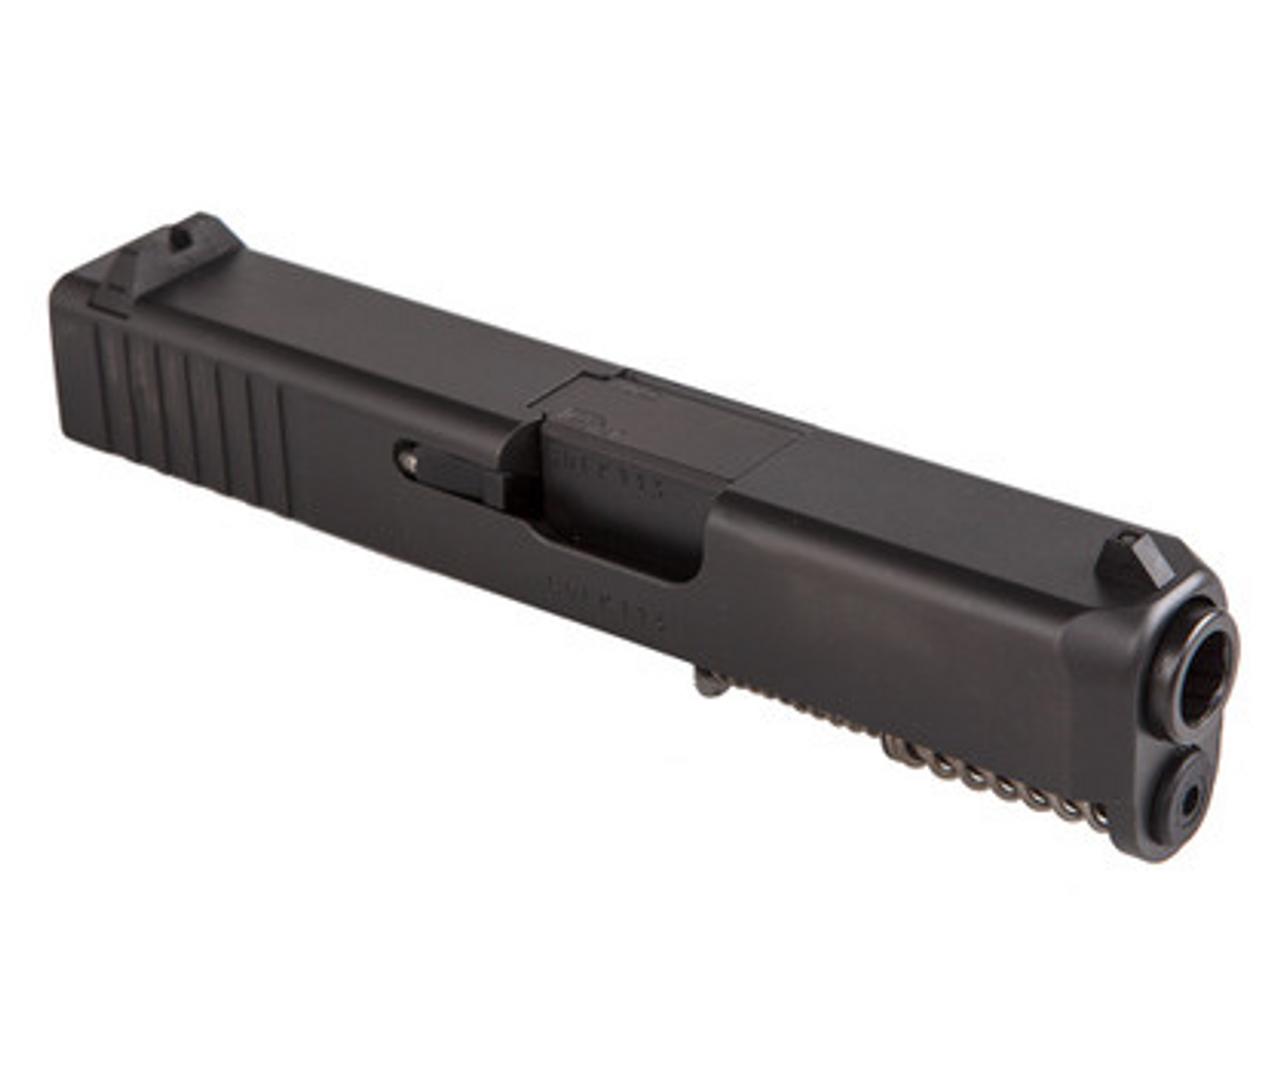 New OEM Glock 26 G26 Upper Slide Kit 9mm GLOCK Gen 3